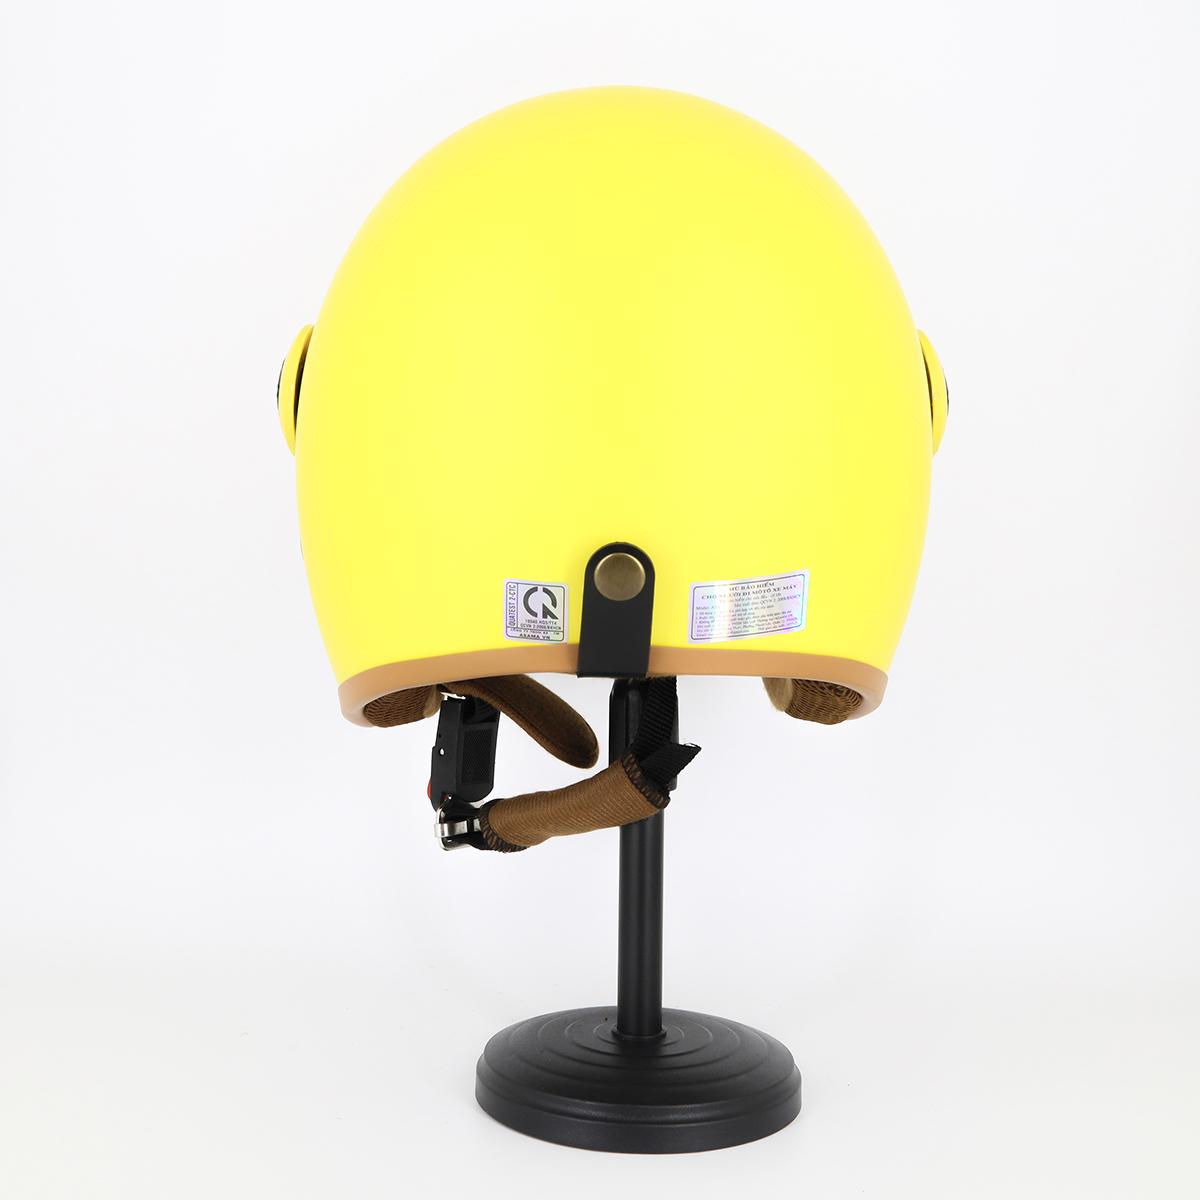 Mũ Bảo Hiểm Có Kính 3/4 Đầu 368k Lót Màu Cao Cấp – Màu Vàng Lót Nâu Kính Trong _ Chống bụi, chống nắng đi được cả ban đêm